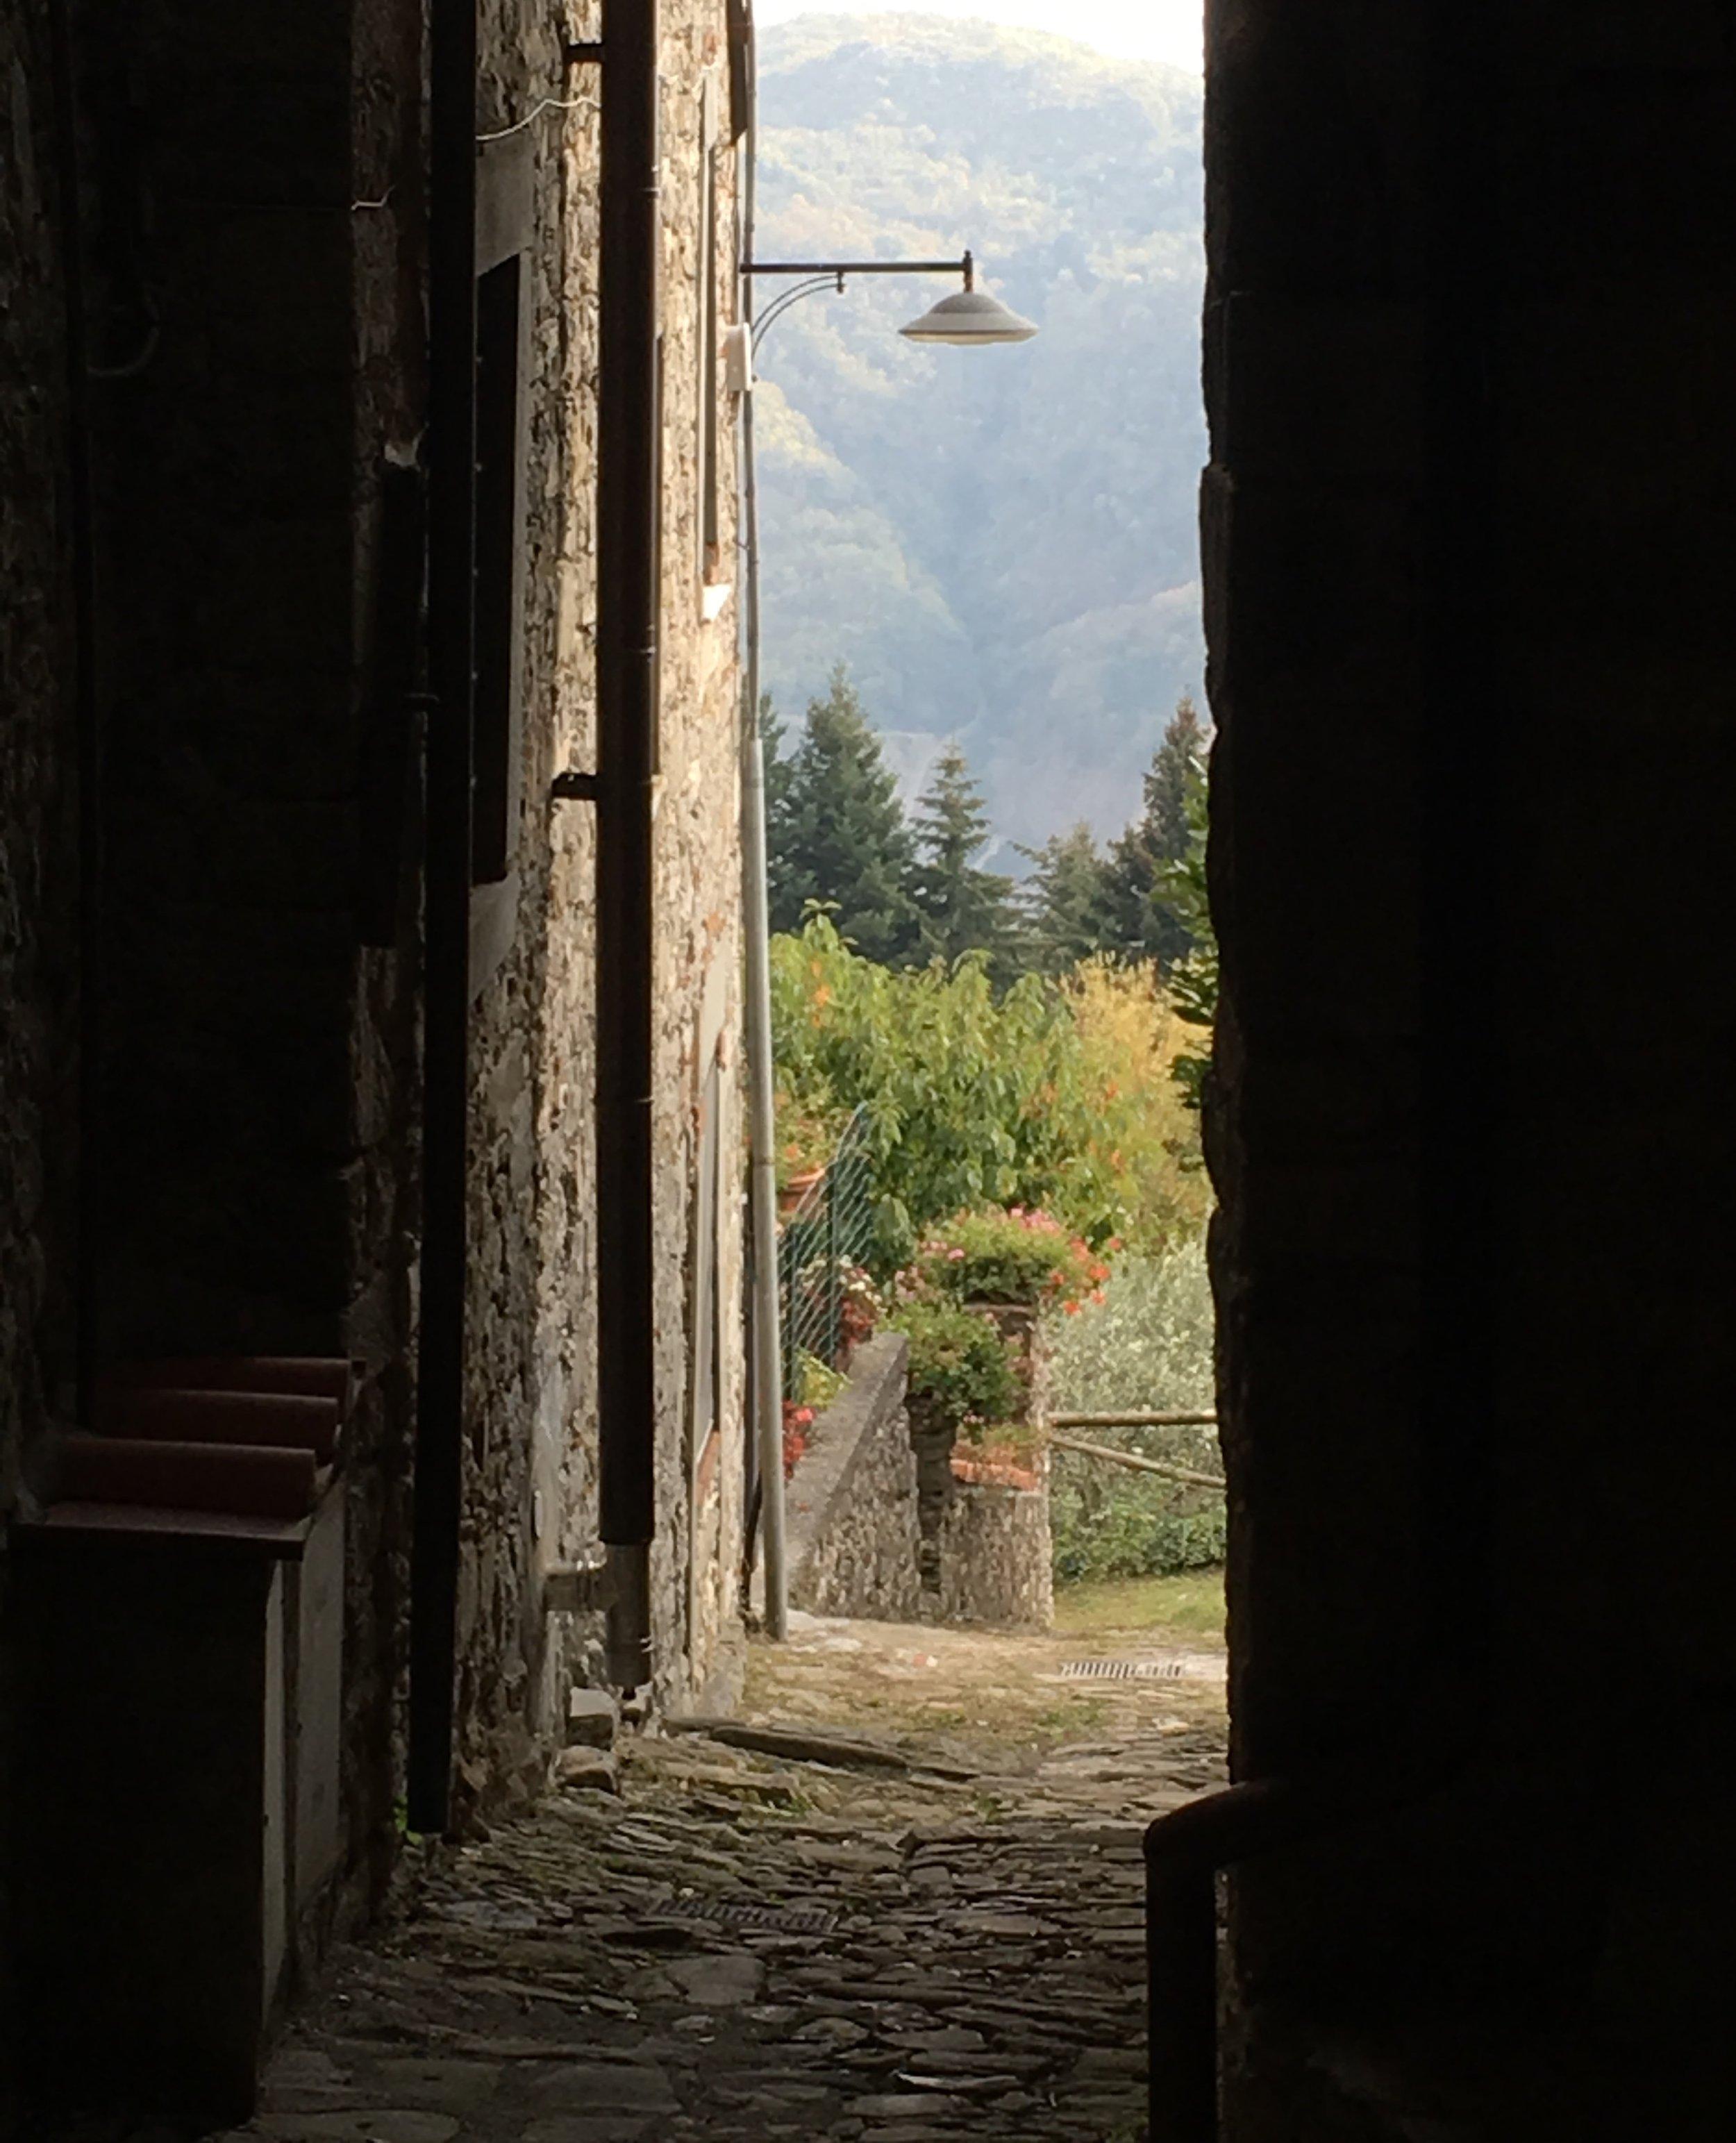 A vicolo (small lane) in Colognora di Pescaglia ends with a stunning view.